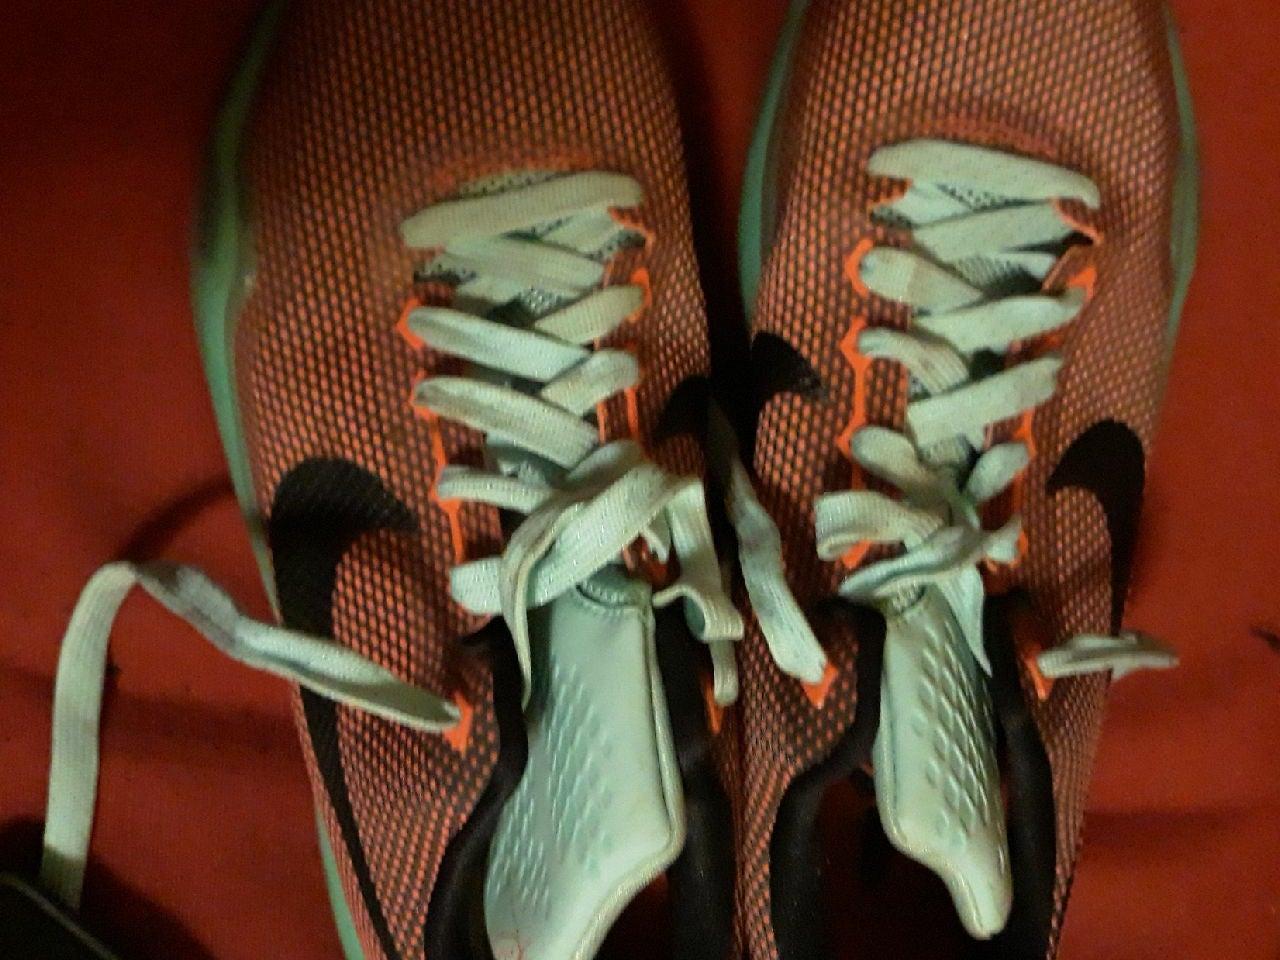 kobe shoes size 7 1/2